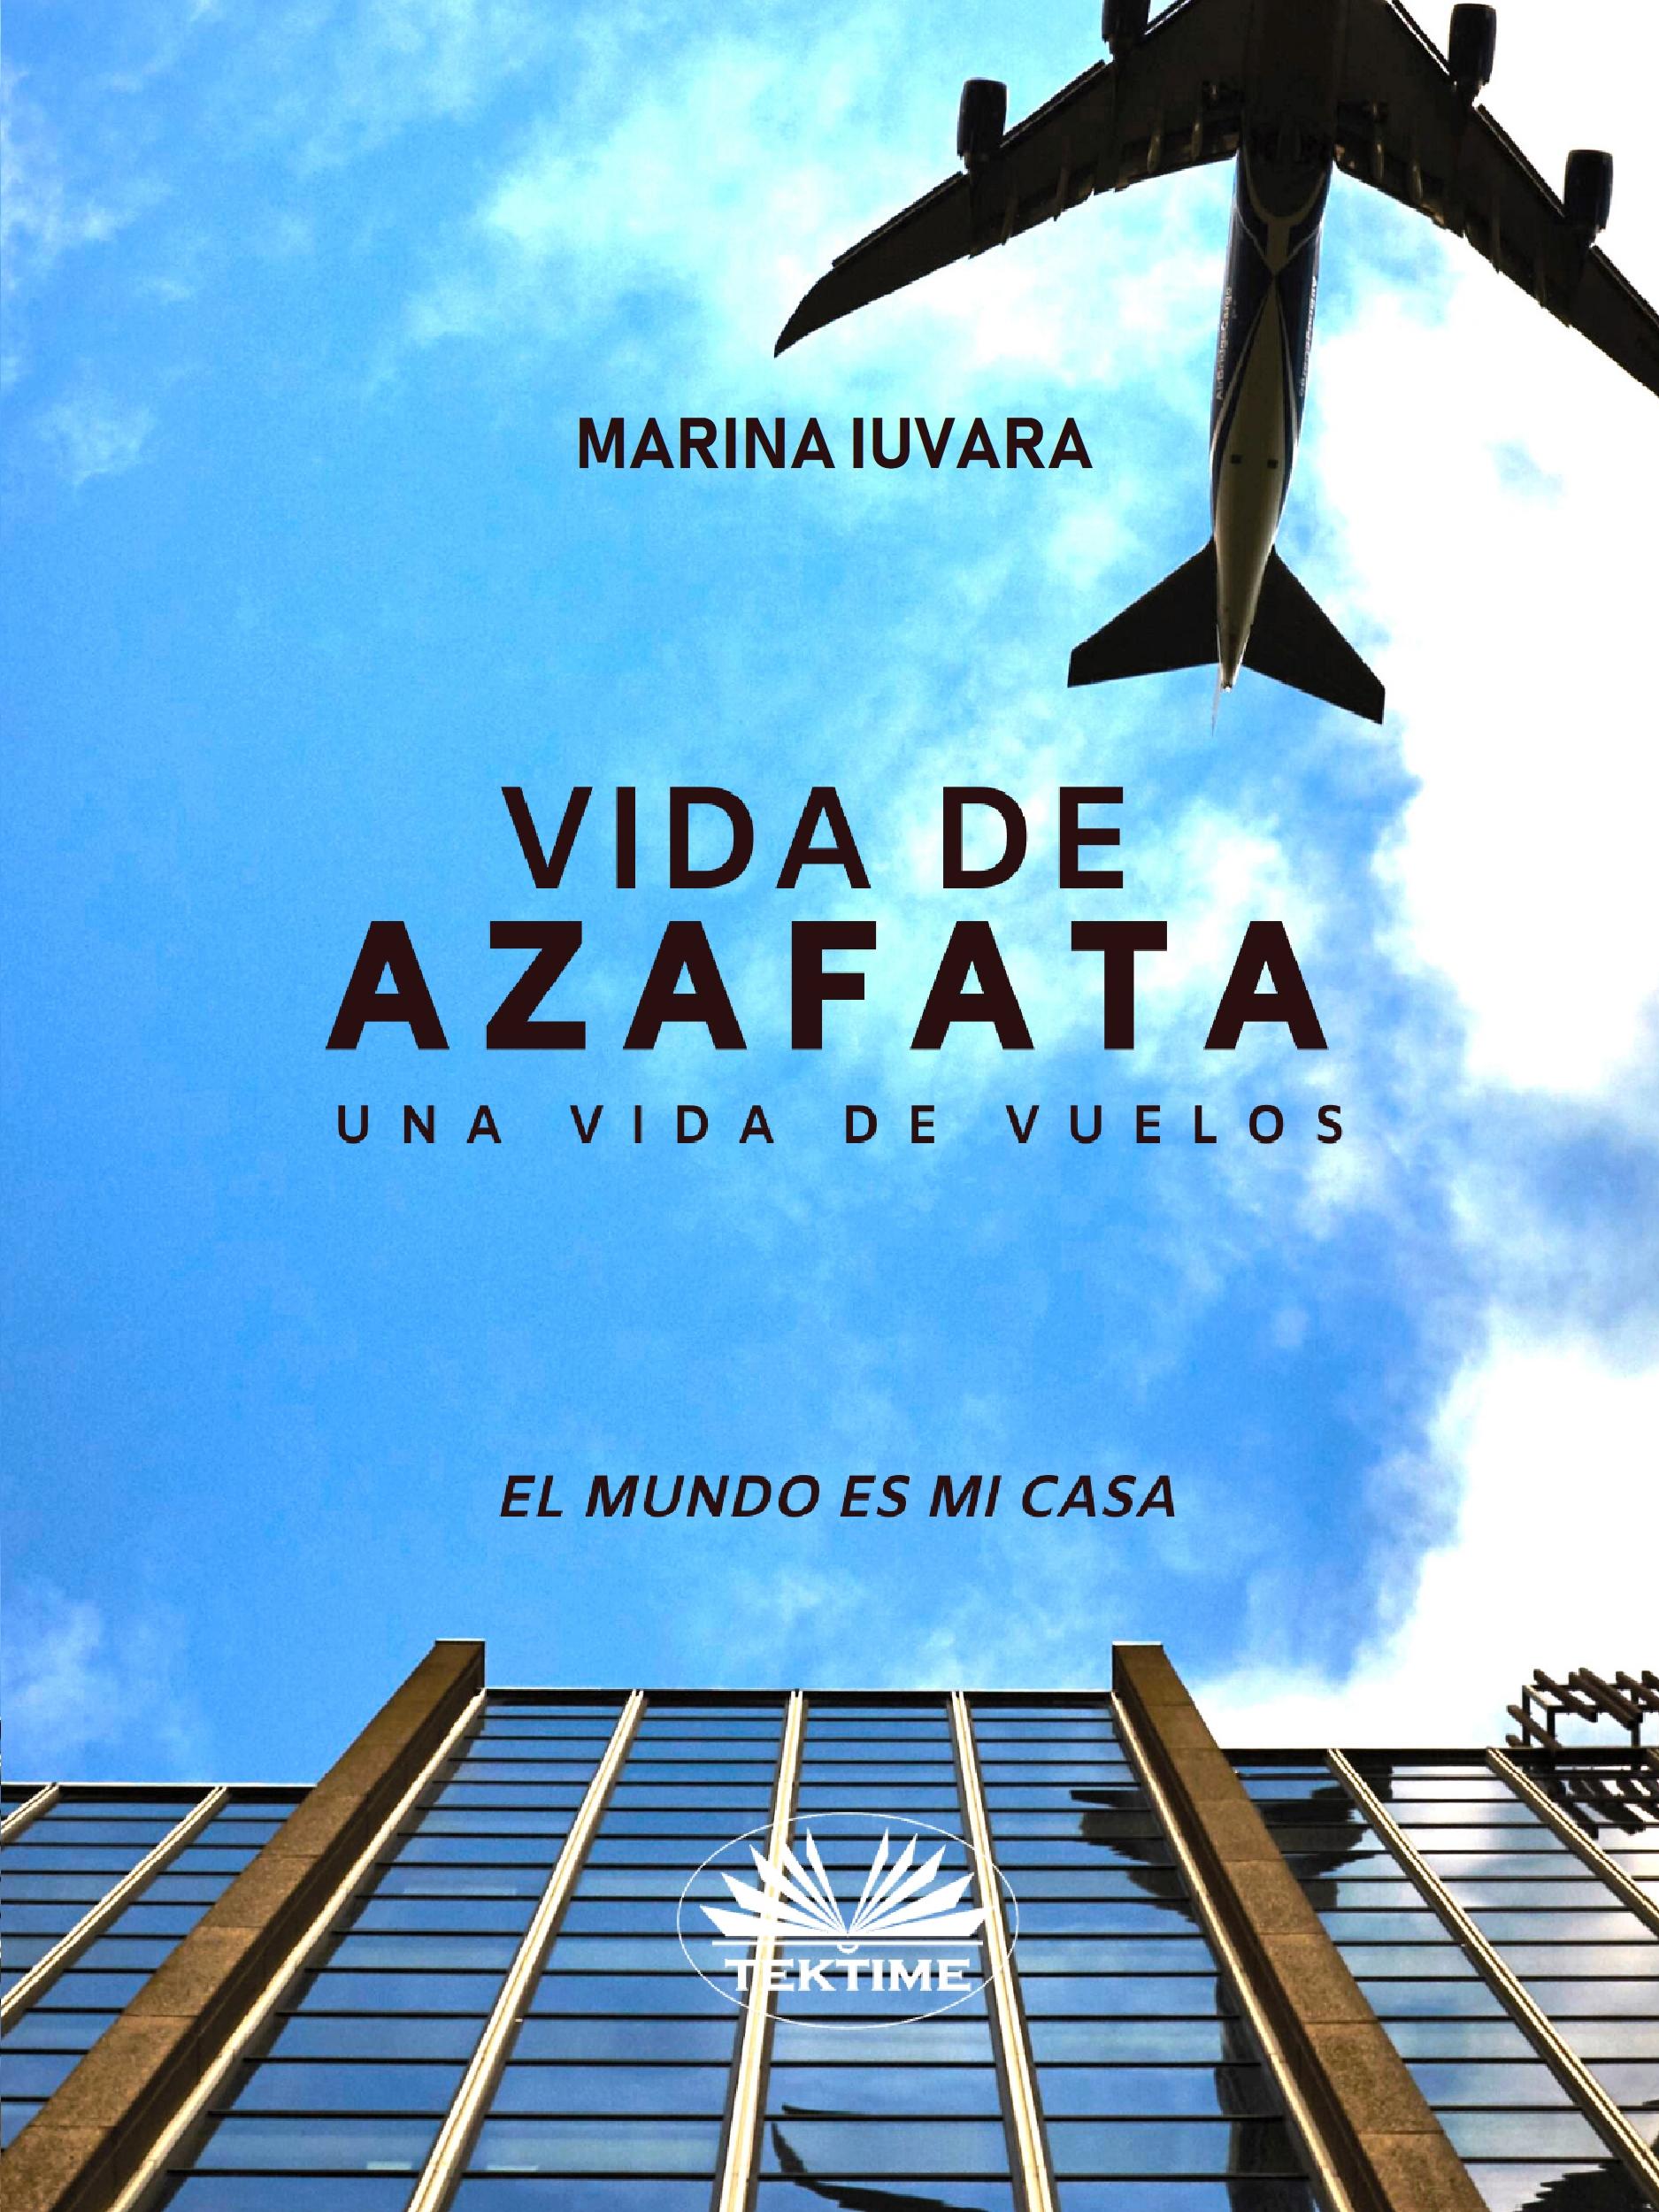 Marina Iuvara Vida De Azafata falkner thomas descripción de la patagonia y de las partes adyacentes de la américa meridional